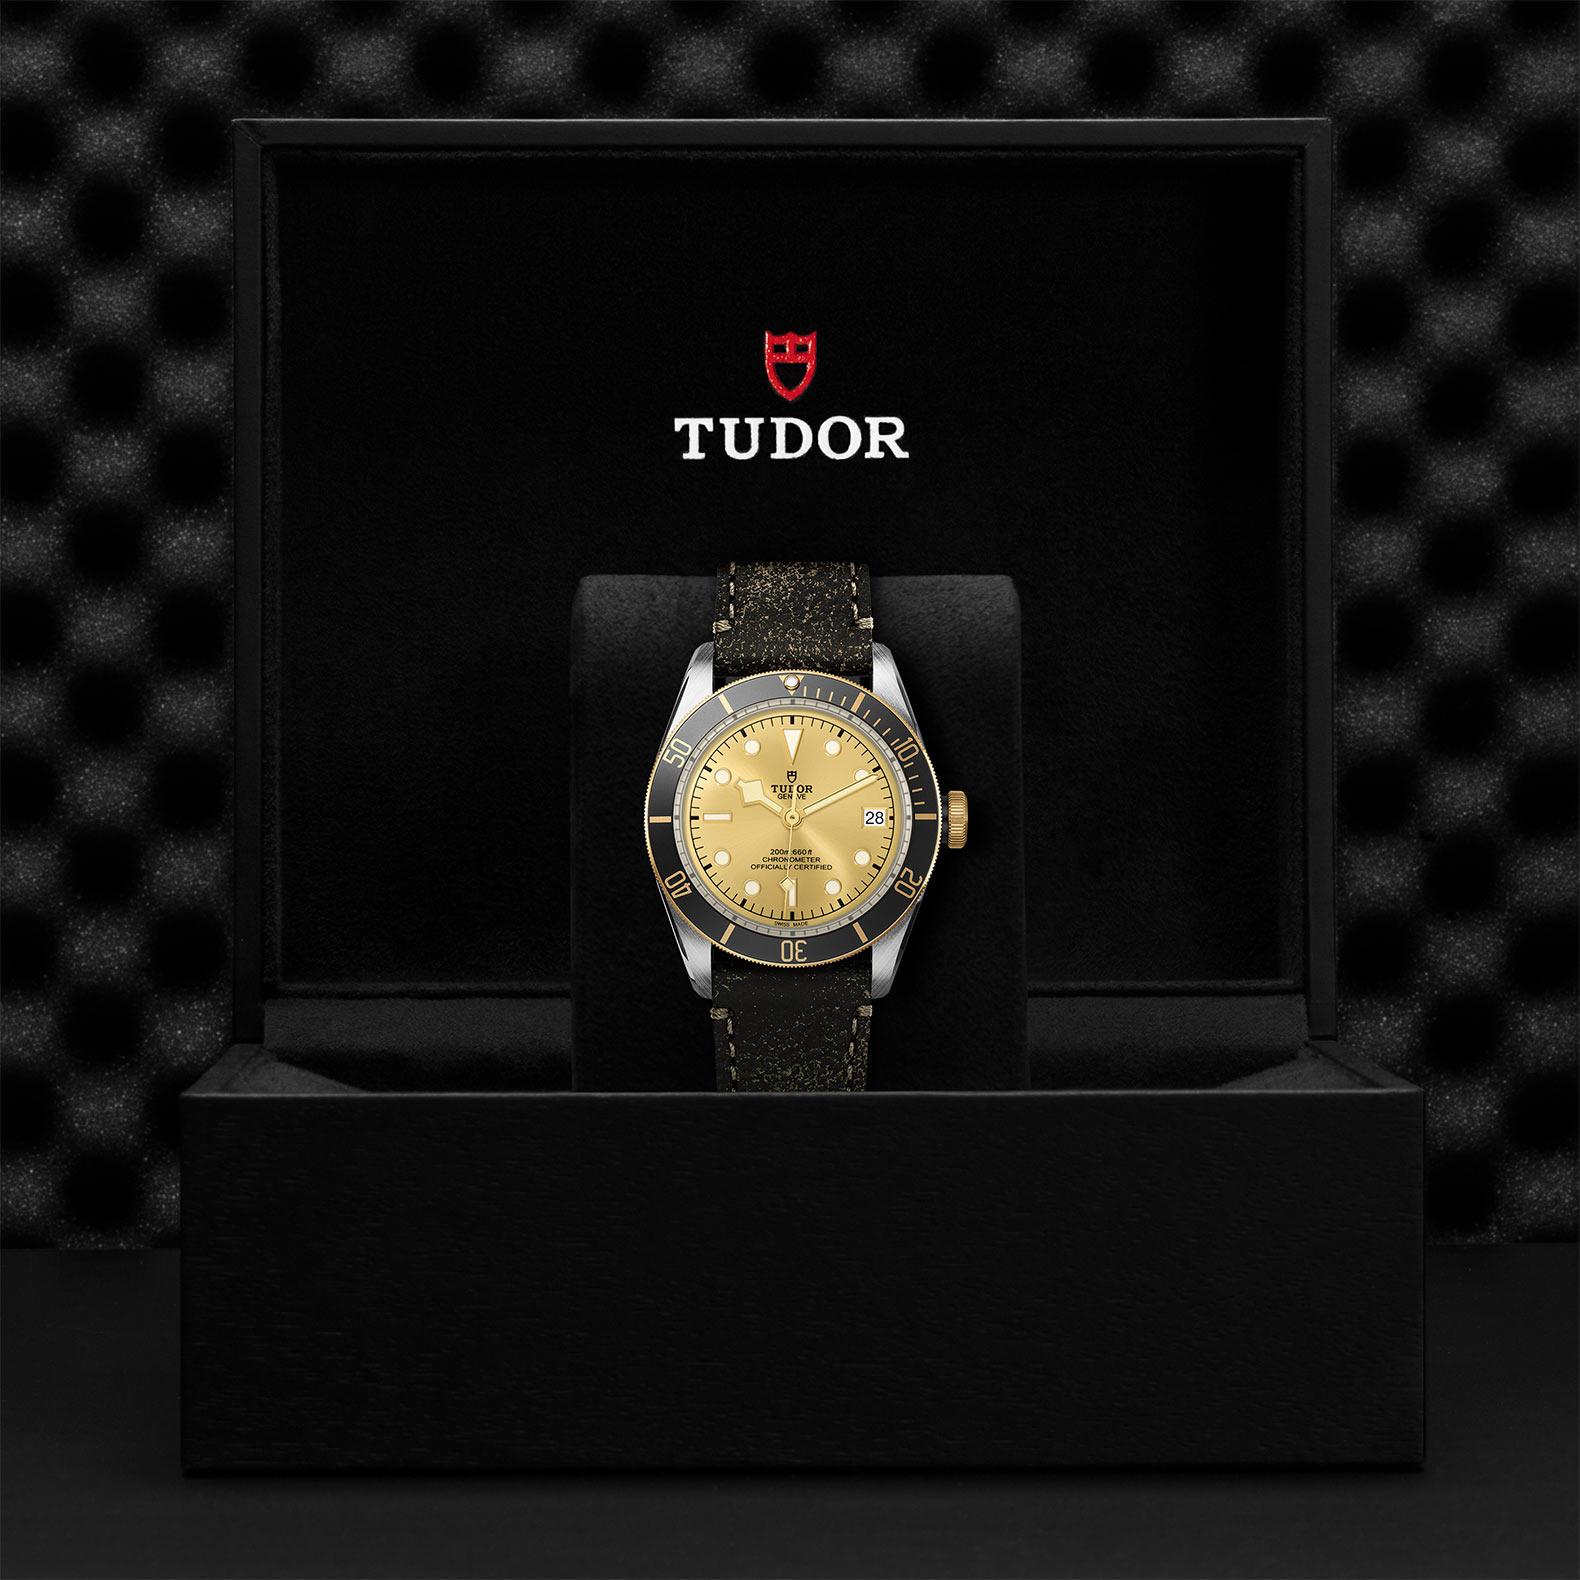 TUDOR Black Bay S&G - M79733N-0003